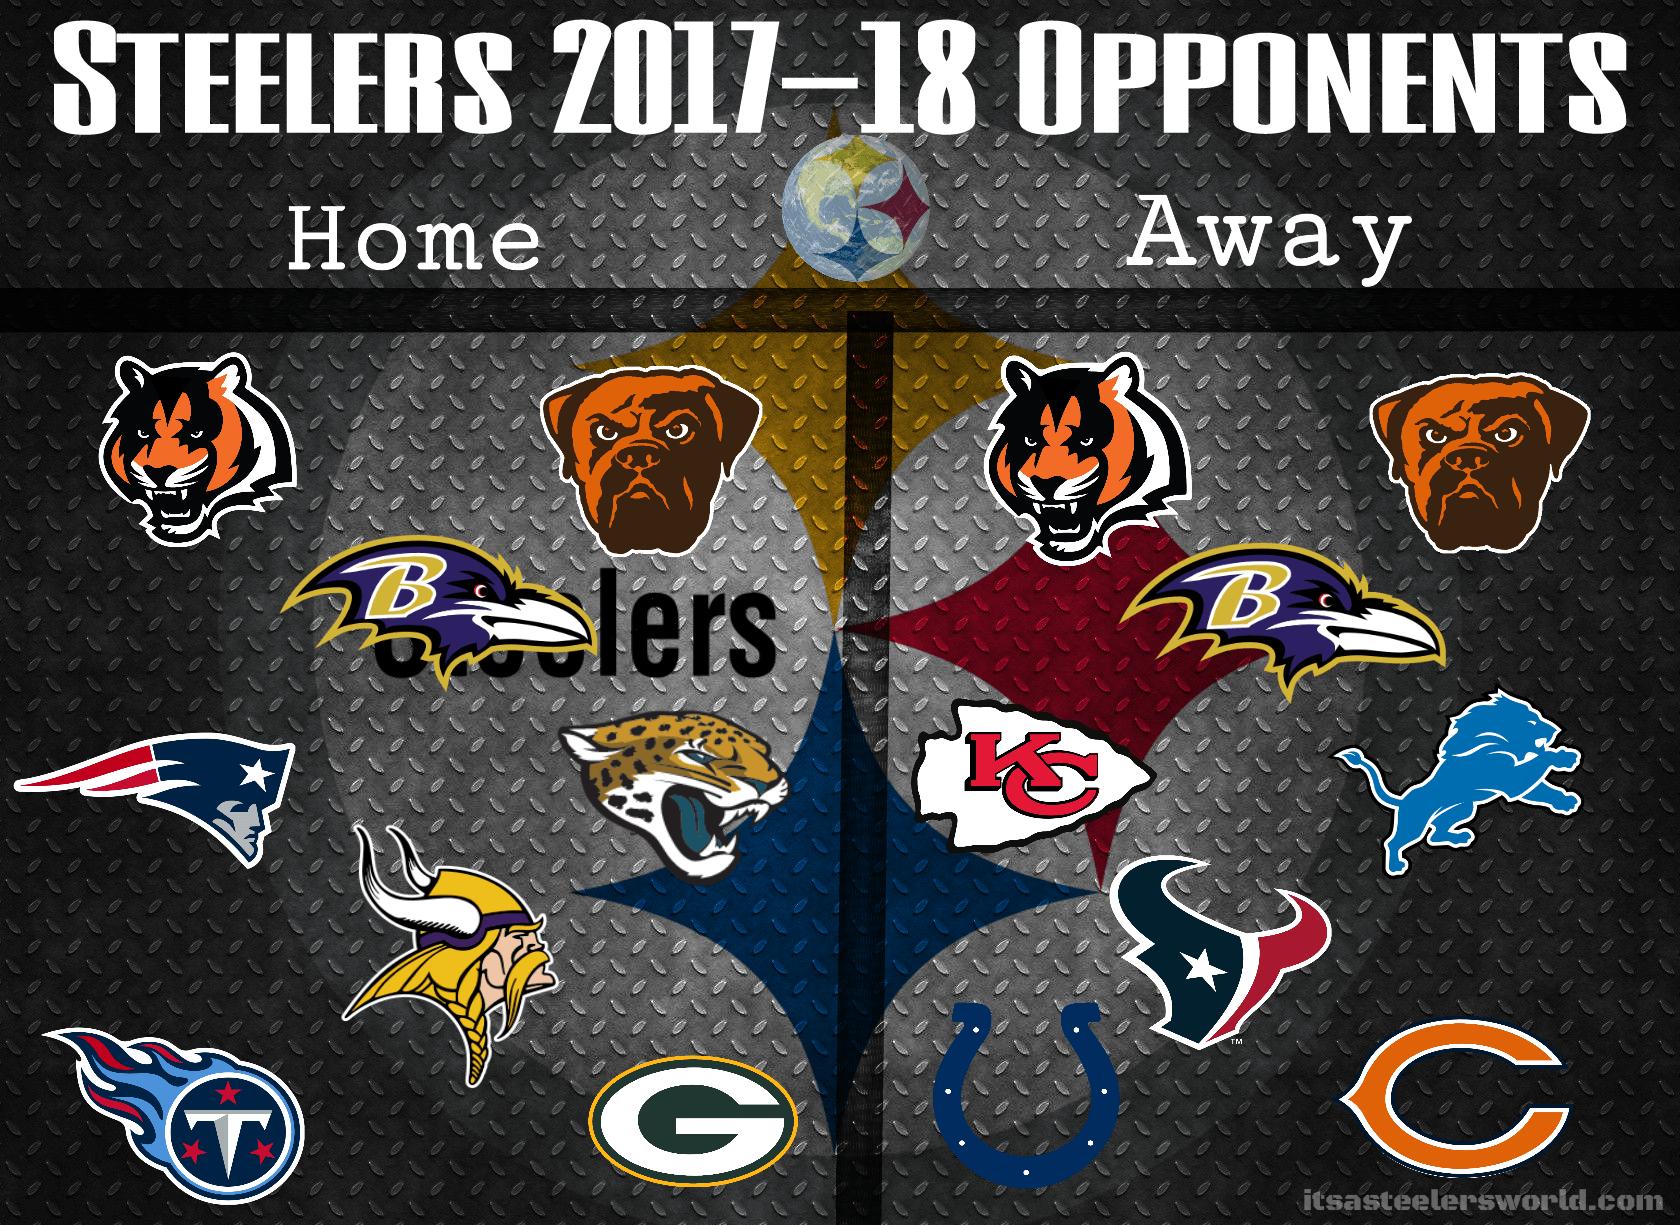 Steelers 2017-18 Opponents Wallpaper |